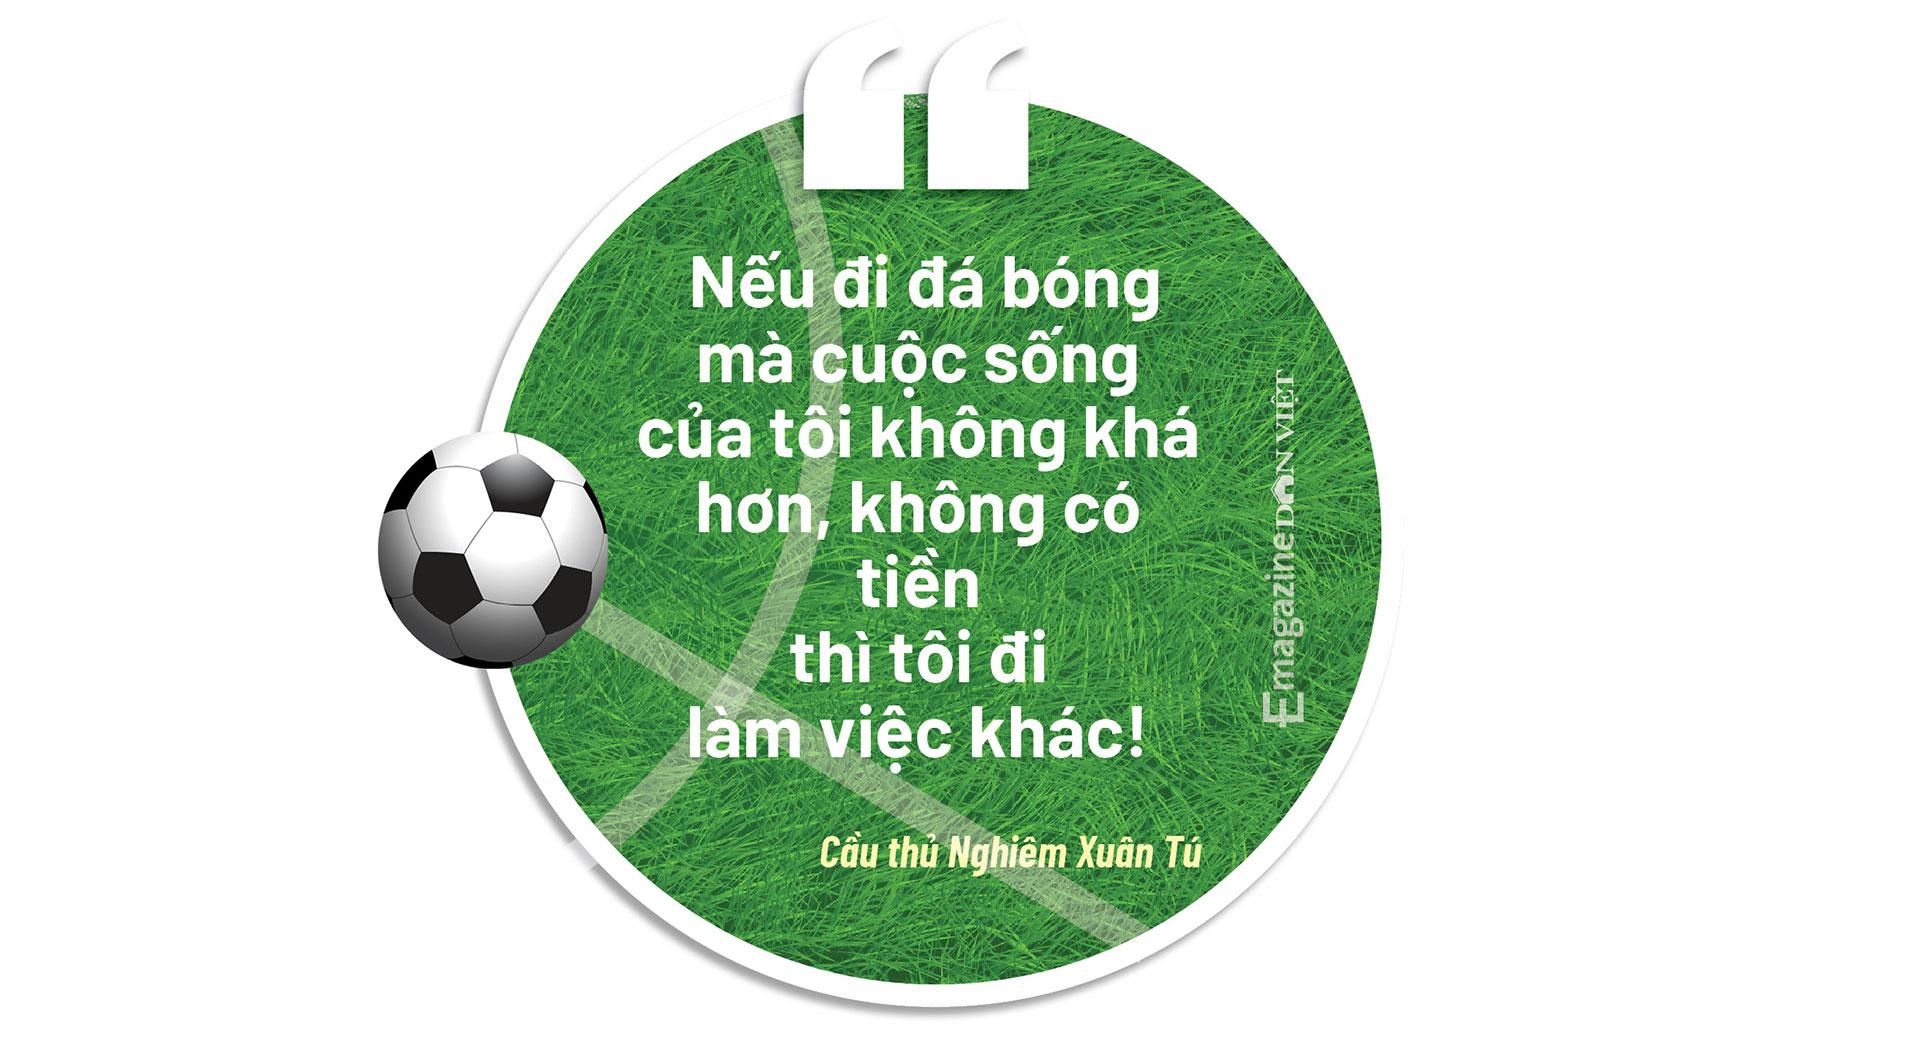 """""""Chiến binh"""" Than Quảng Ninh Nghiêm Xuân Tú: Lên đội tuyển quốc gia không phải đích đến duy nhất  - Ảnh 3."""